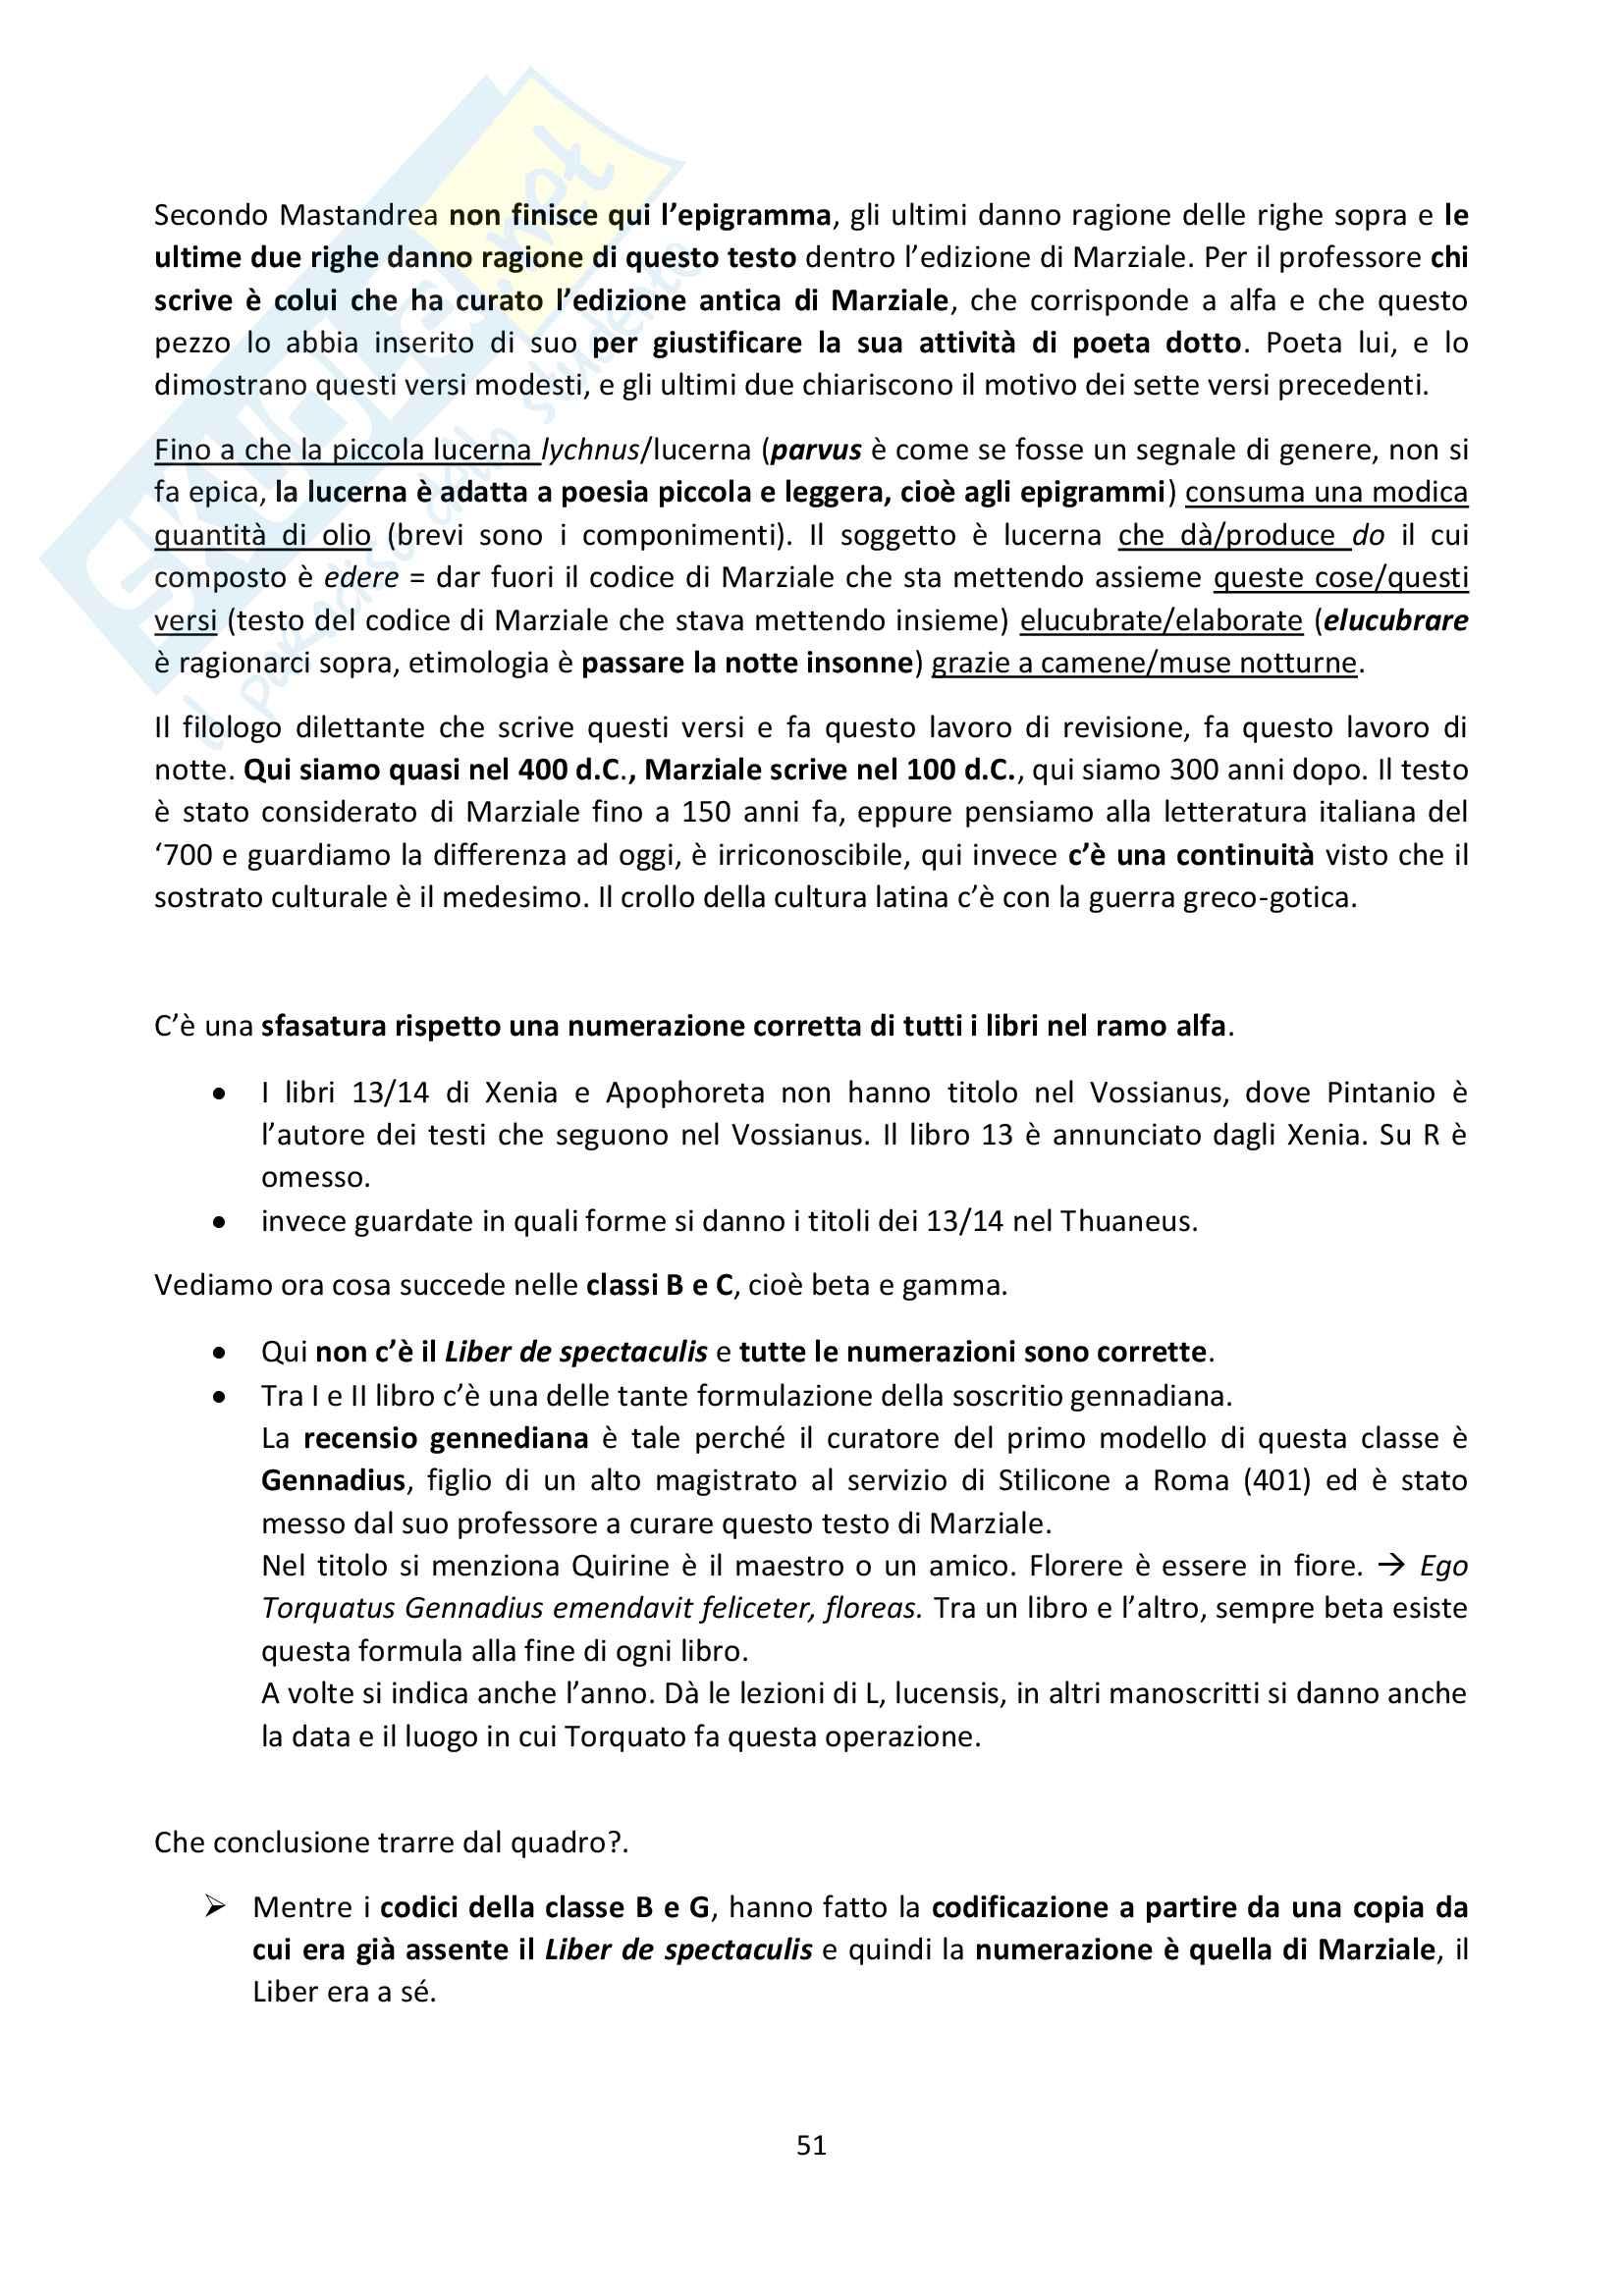 Appunti di Filologia latina sp. (lezioni complete) Pag. 51